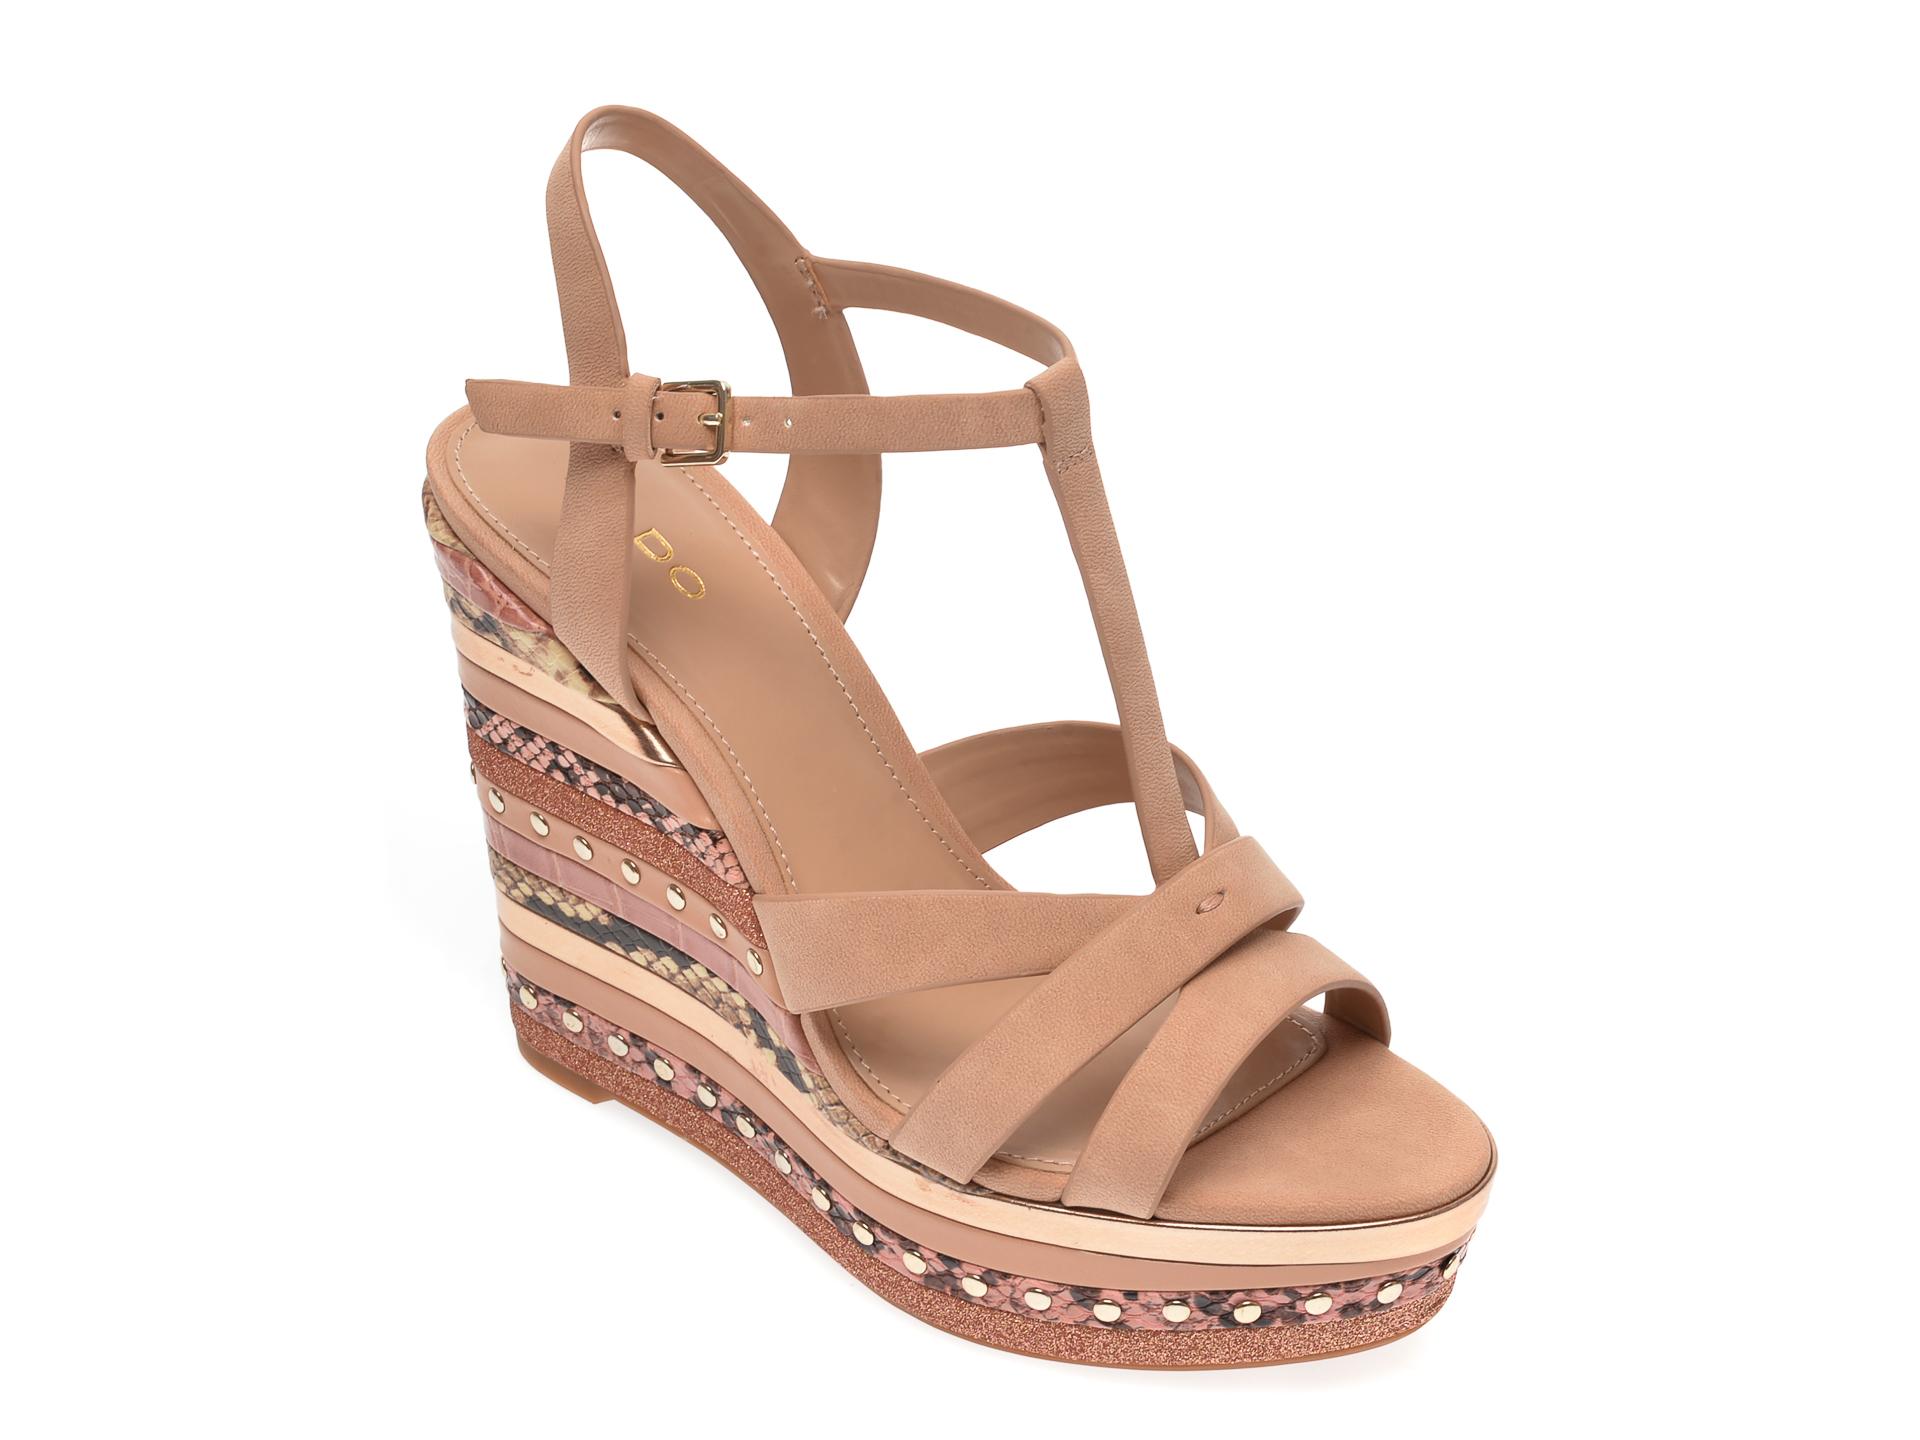 Sandale ALDO nude, Nydaycia240, din piele ecologica